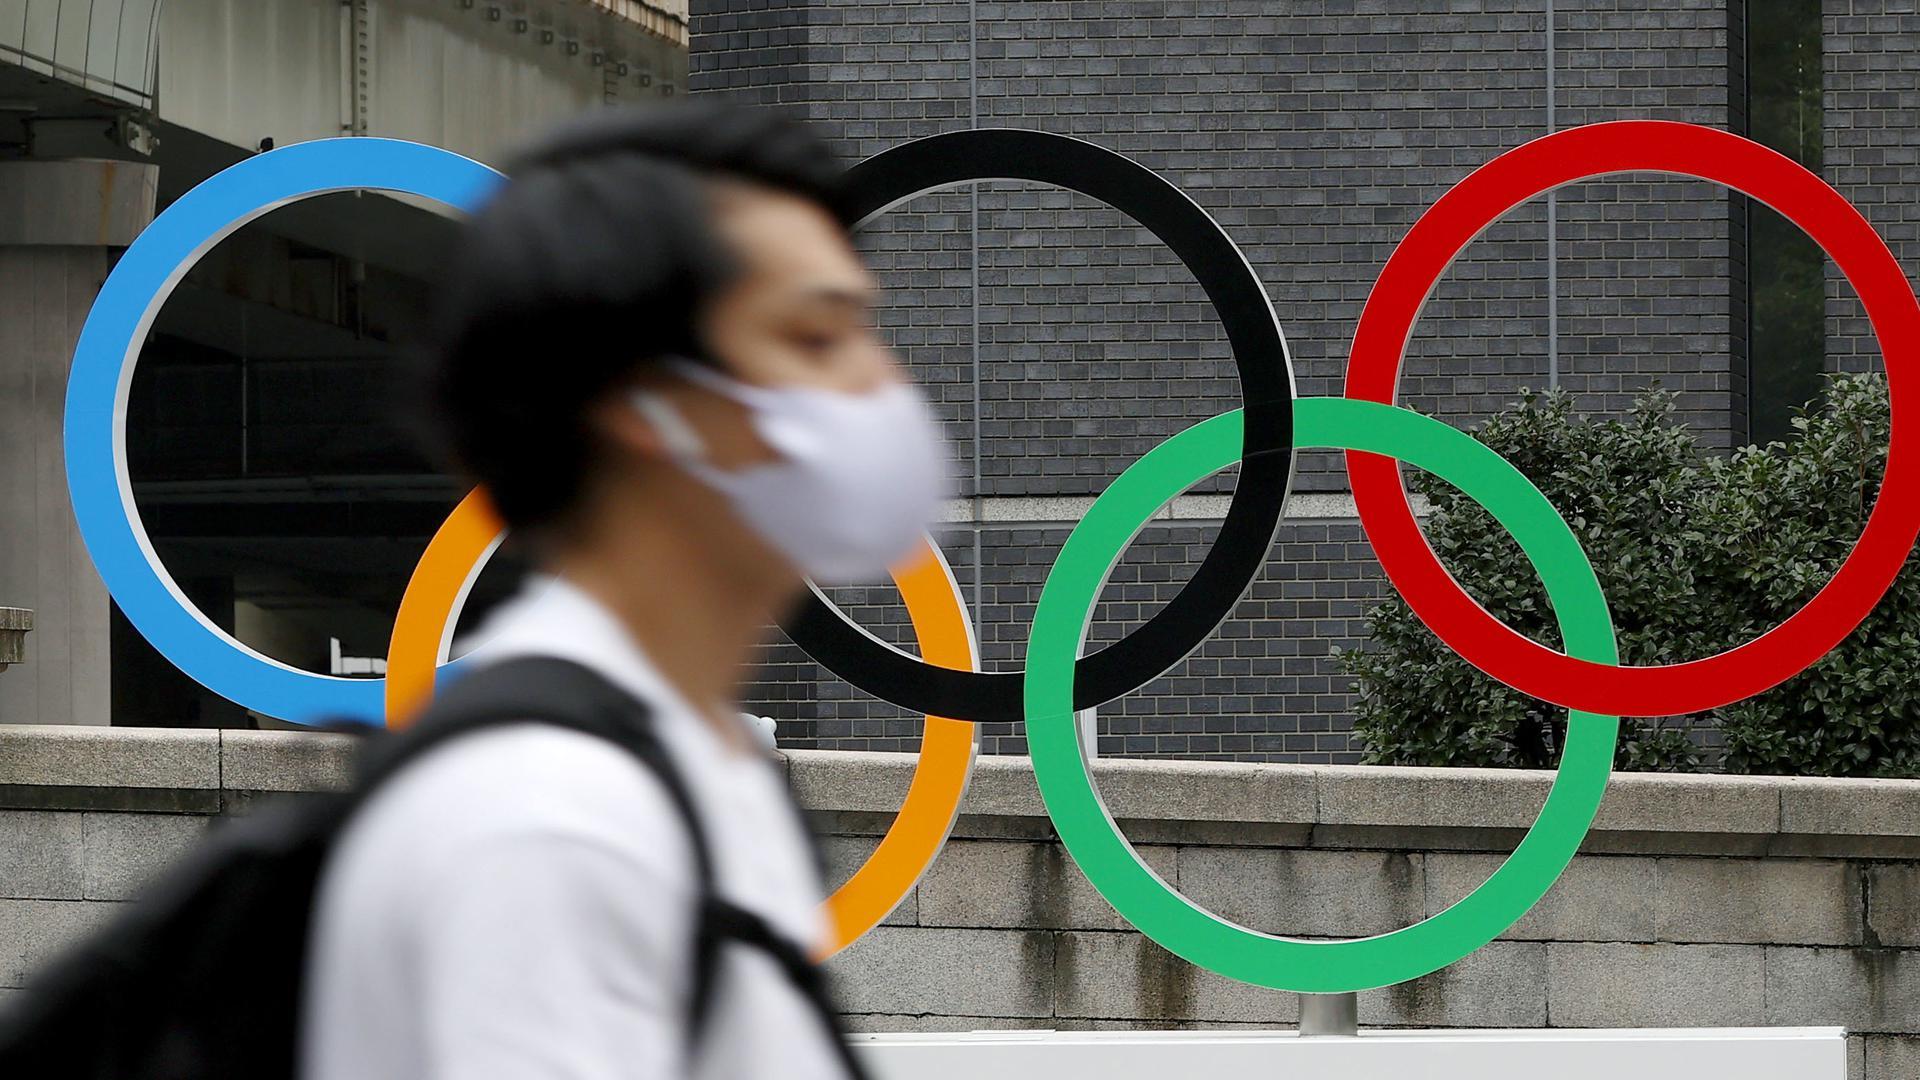 08.07.2021, Japan, Tokio: EinPassant geht mit Mund-Nasen-Schutz an einer Statue  mit übergroßen  OlympischenRinge vorbei. Während der Olympischen Spiele wird in Tokio erneut der Corona-Notstand herrschen. Der Notstand soll von kommendem Montag bis vorläufig zum 22. August gelten. Die Olympischen Spiele 2020 Tokio finden vom 23.07.2021 bis zum 08.08.2021 statt. Foto: ---/Kyodo/dpa +++ dpa-Bildfunk +++